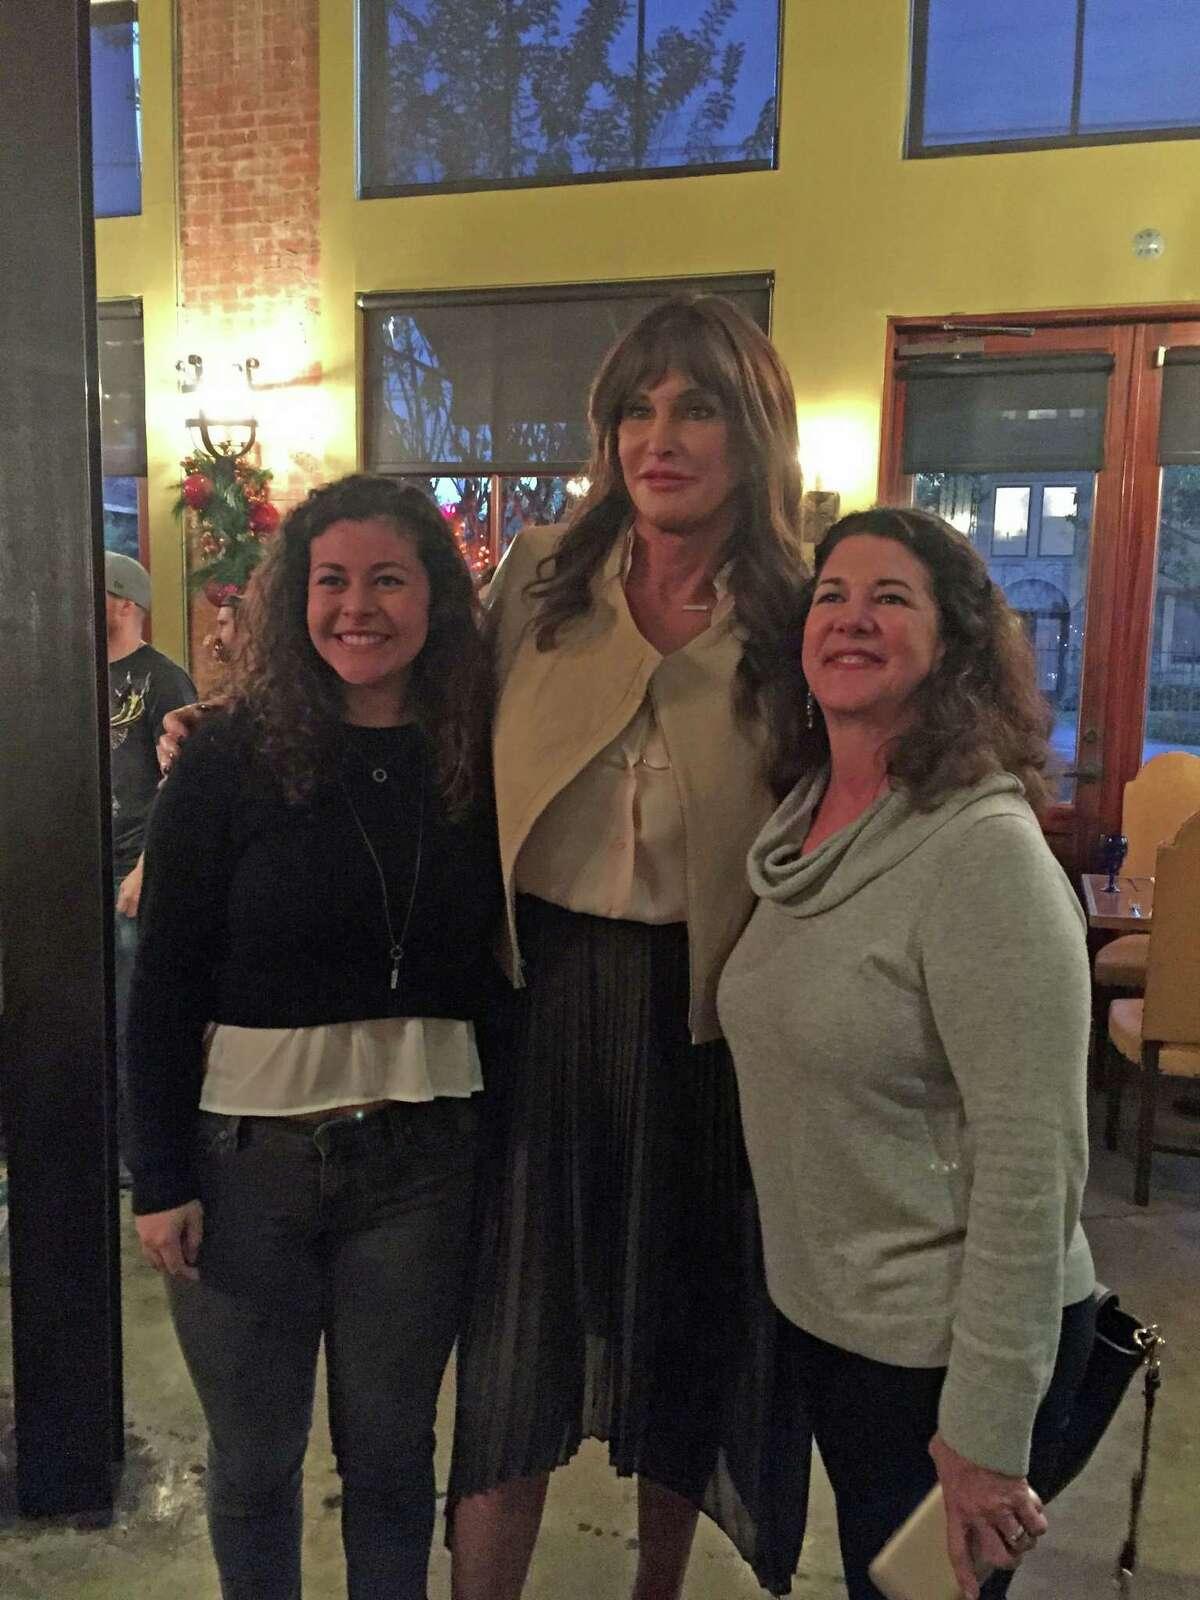 Caitlyn Jenner, in Houston Thursday, dined at Hugo's.